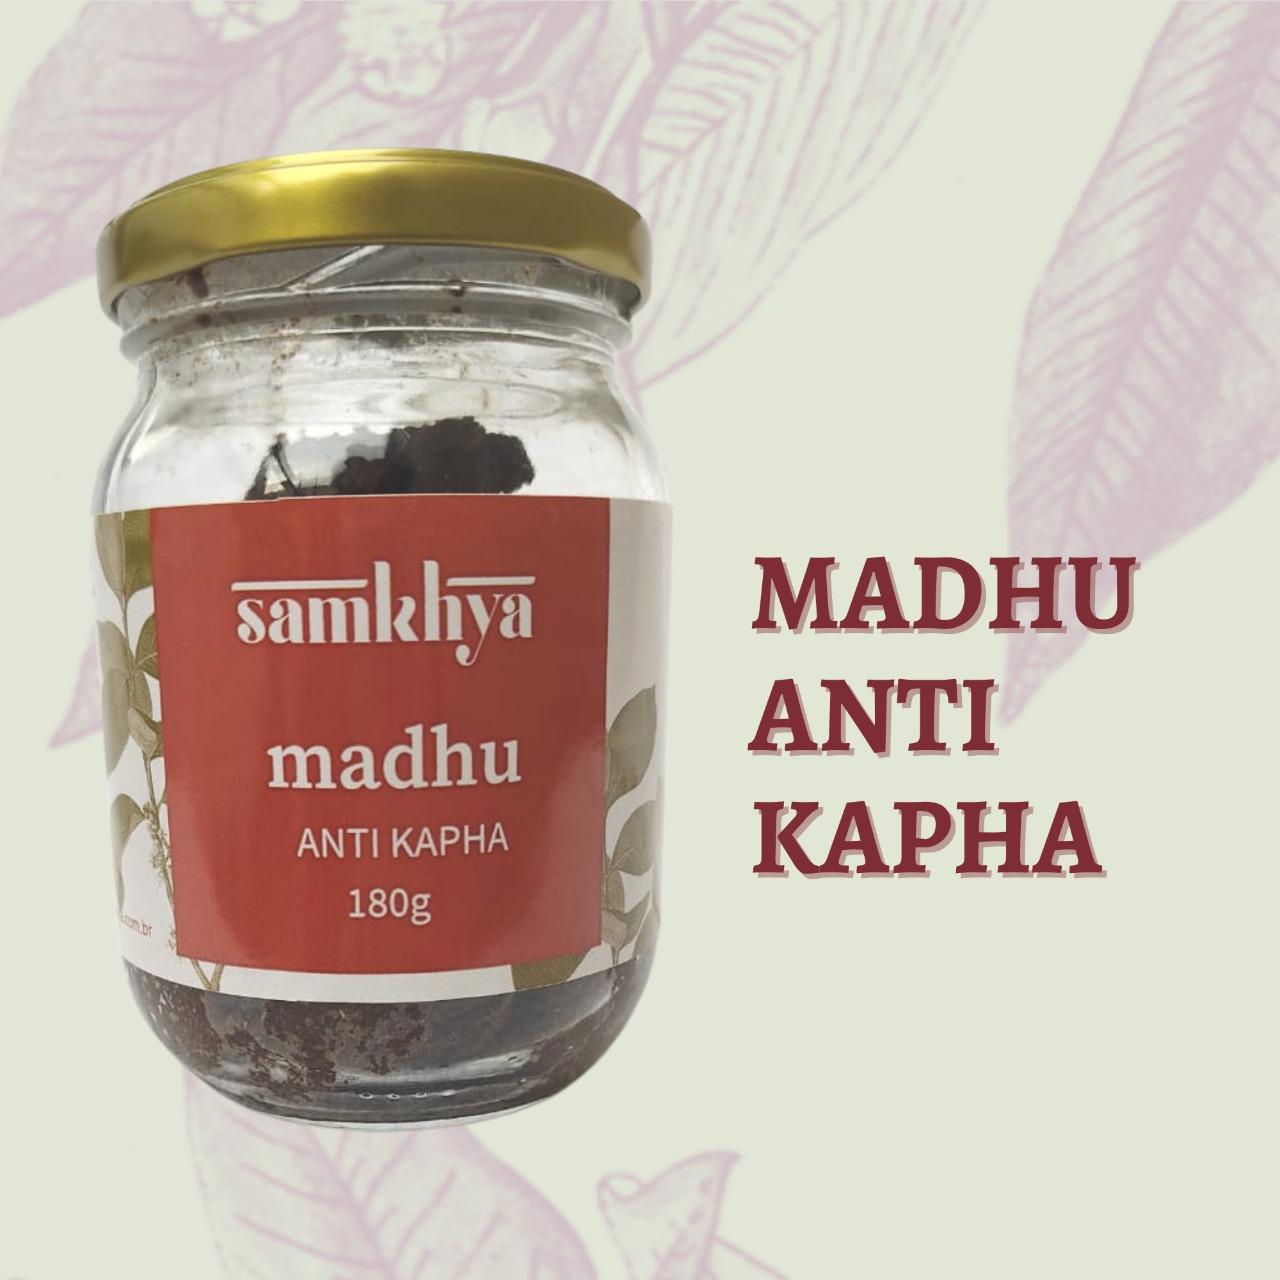 Madhu Anti Kapha